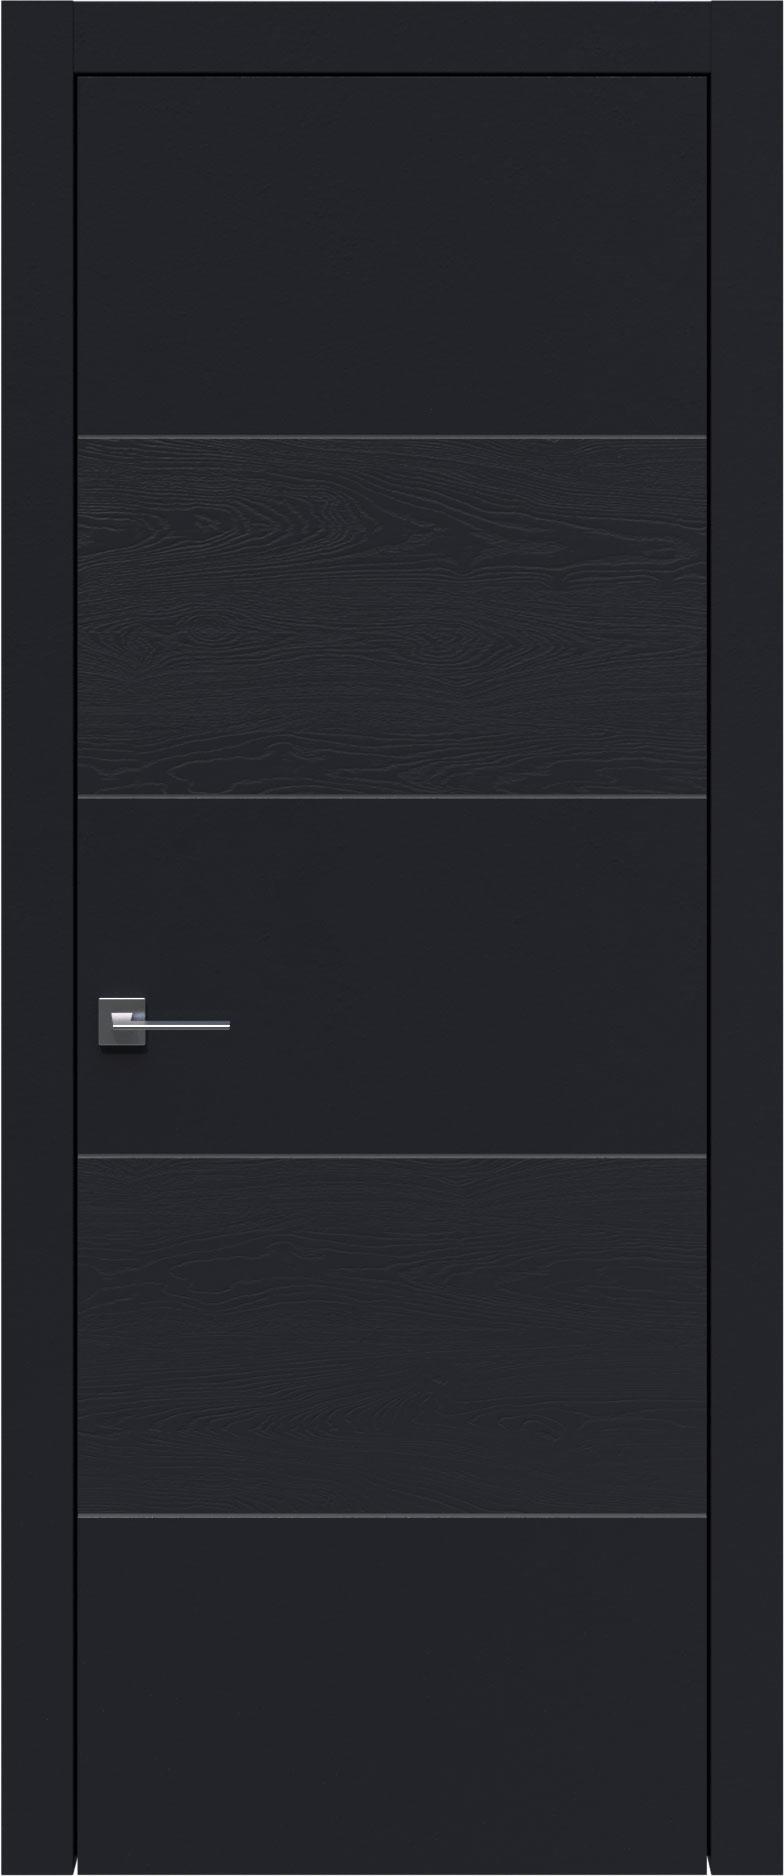 Tivoli Д-2 цвет - Черная эмаль-эмаль по шпону (RAL 9004) Без стекла (ДГ)